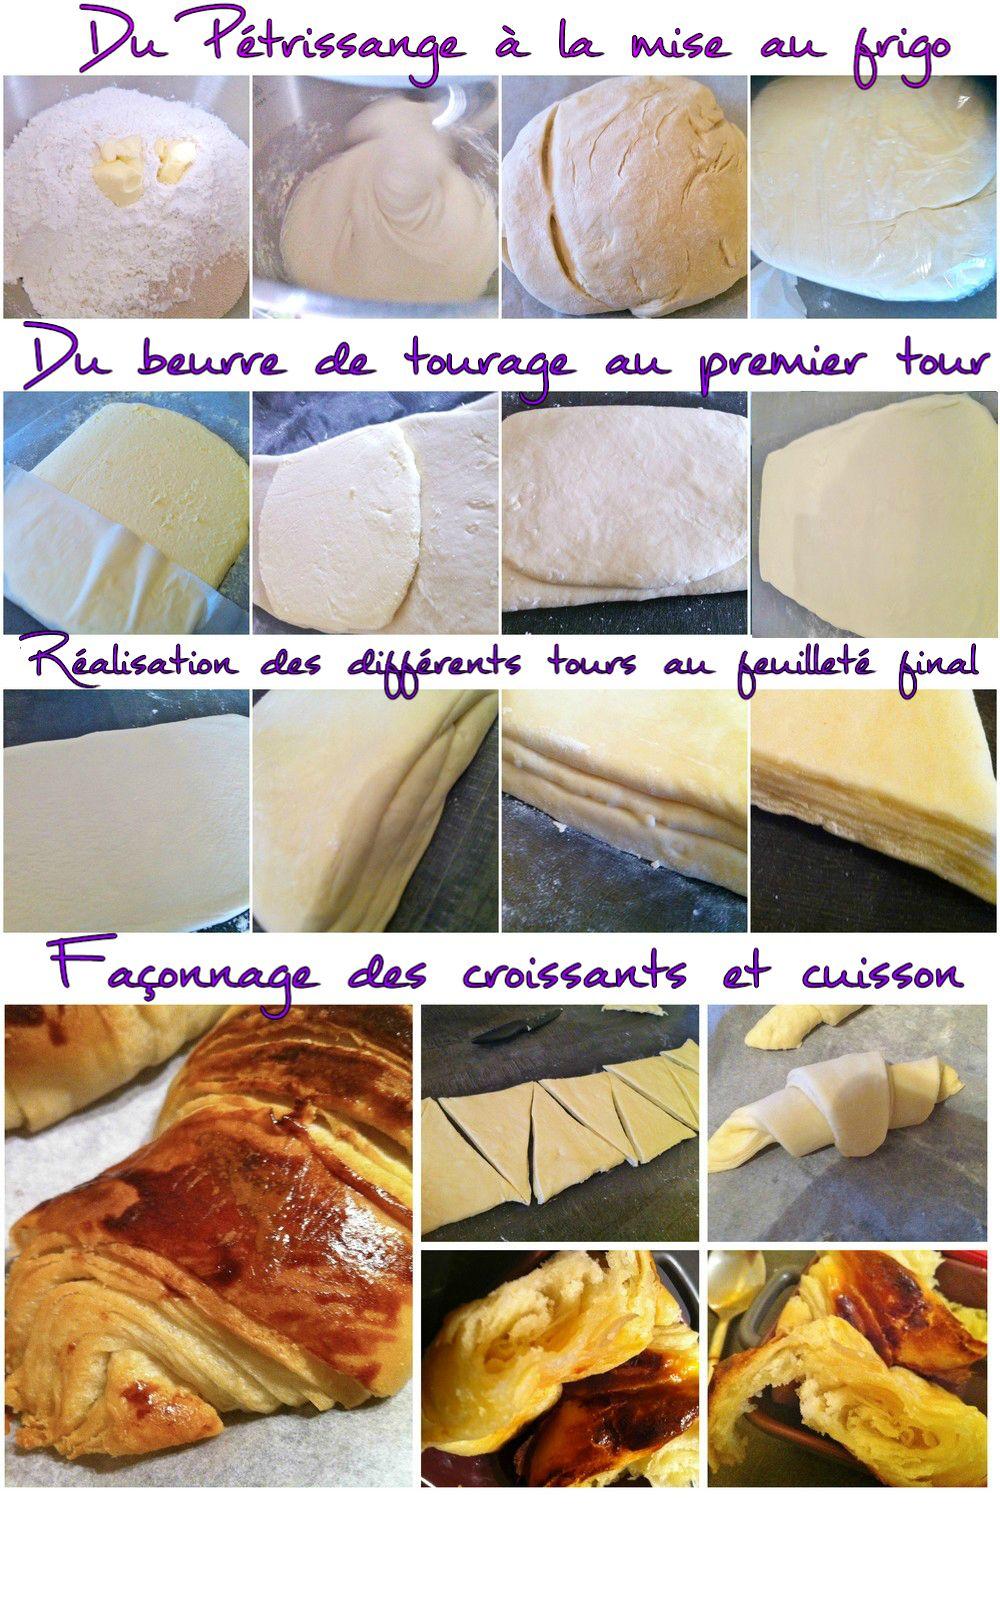 Croissants 2 essai 5